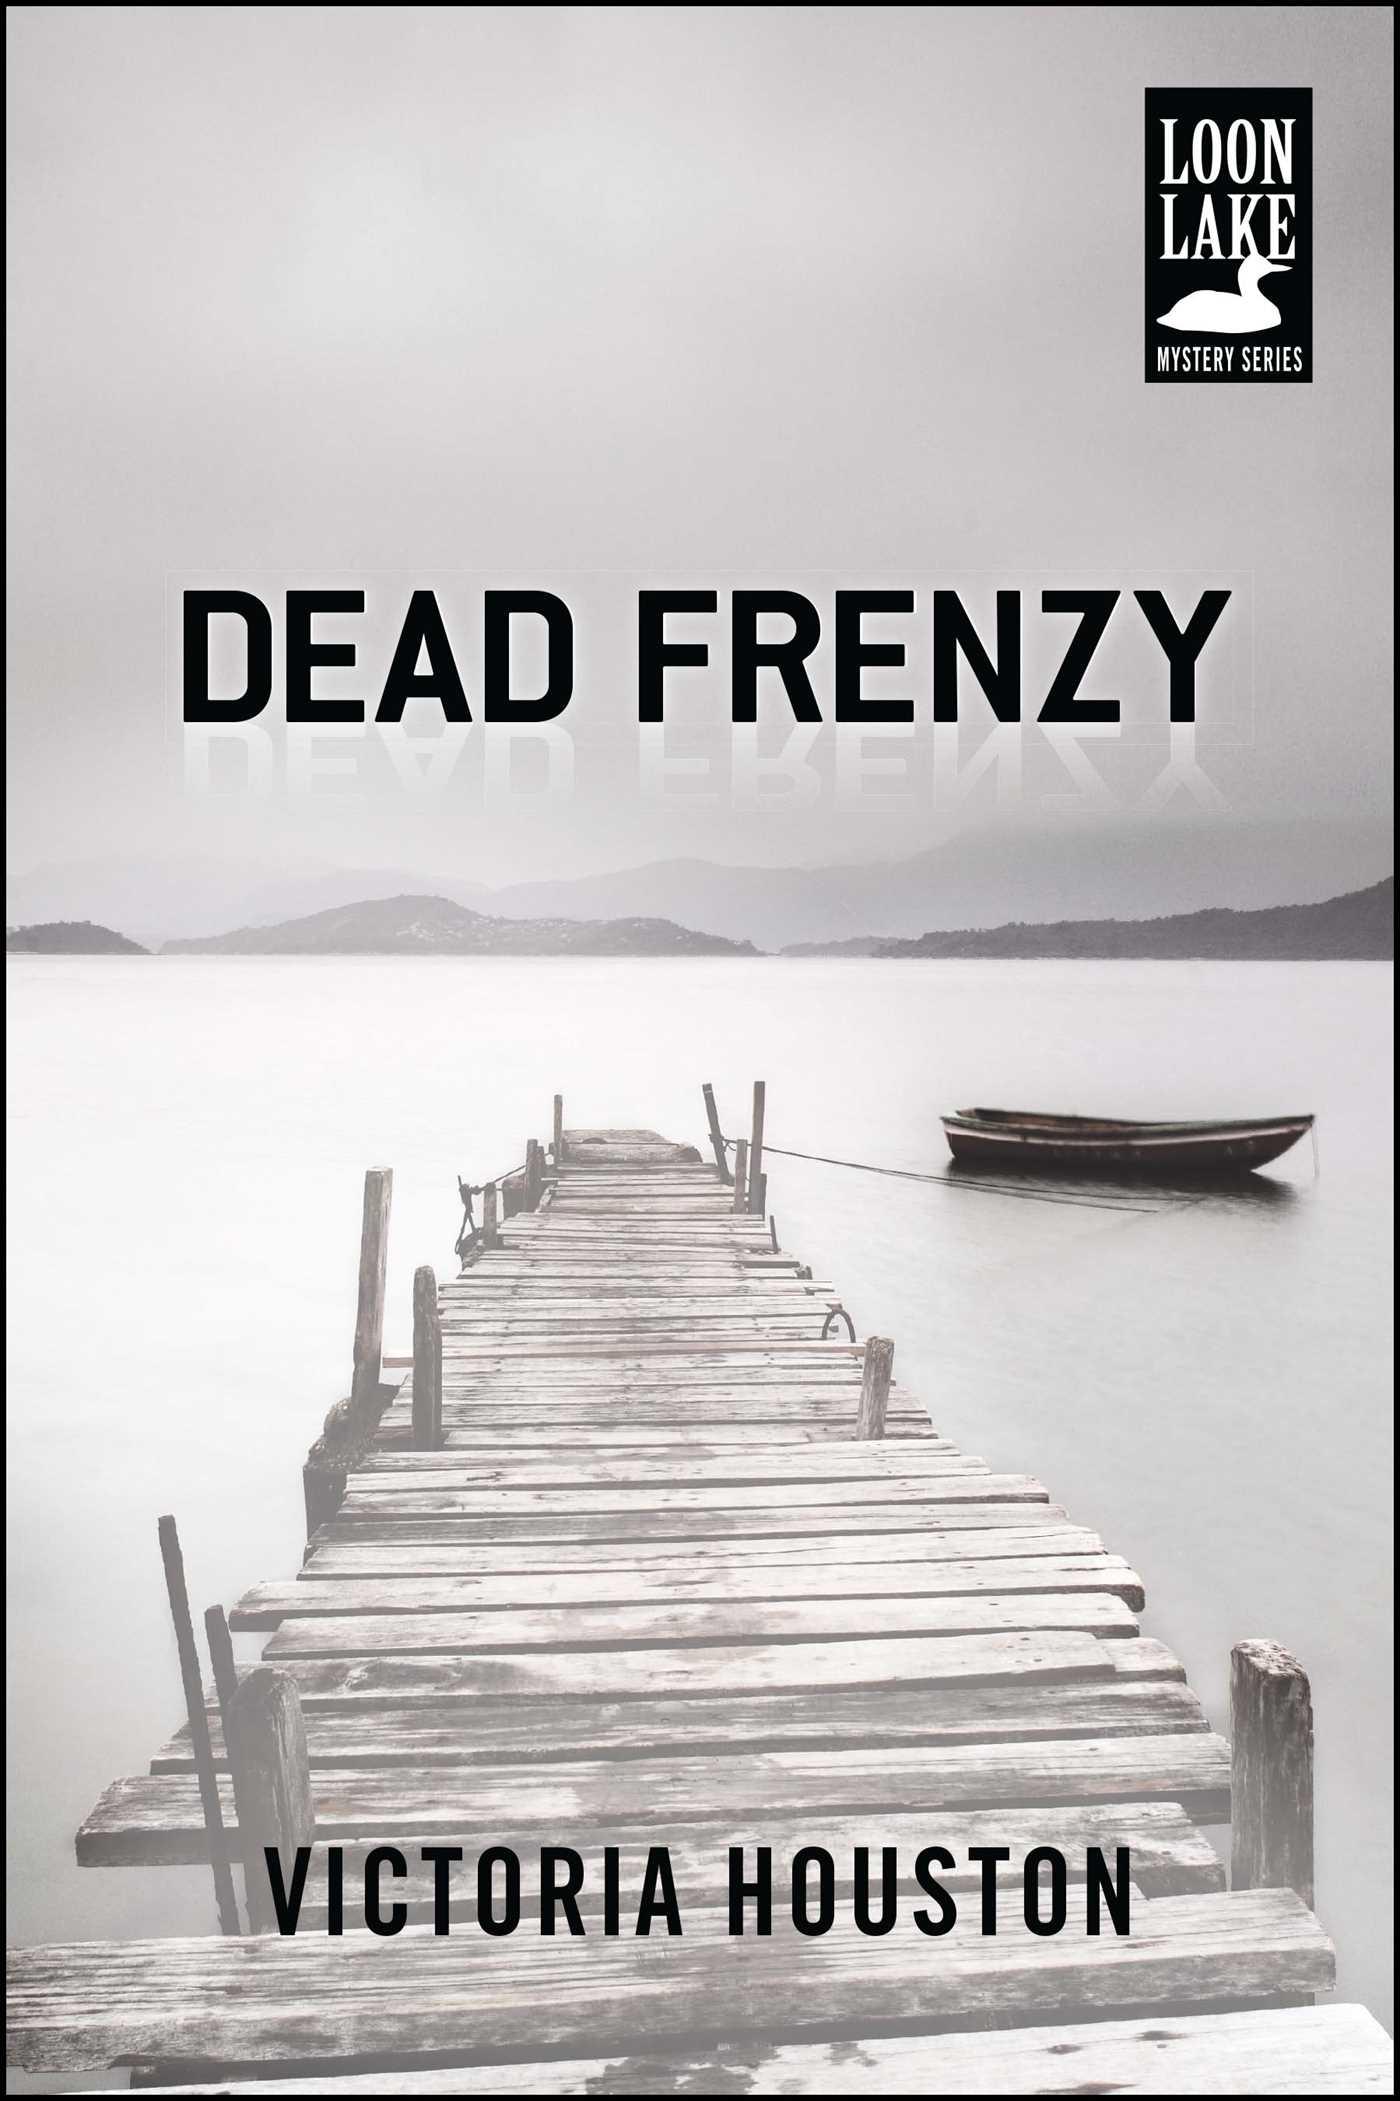 Dead frenzy 9781440531491 hr